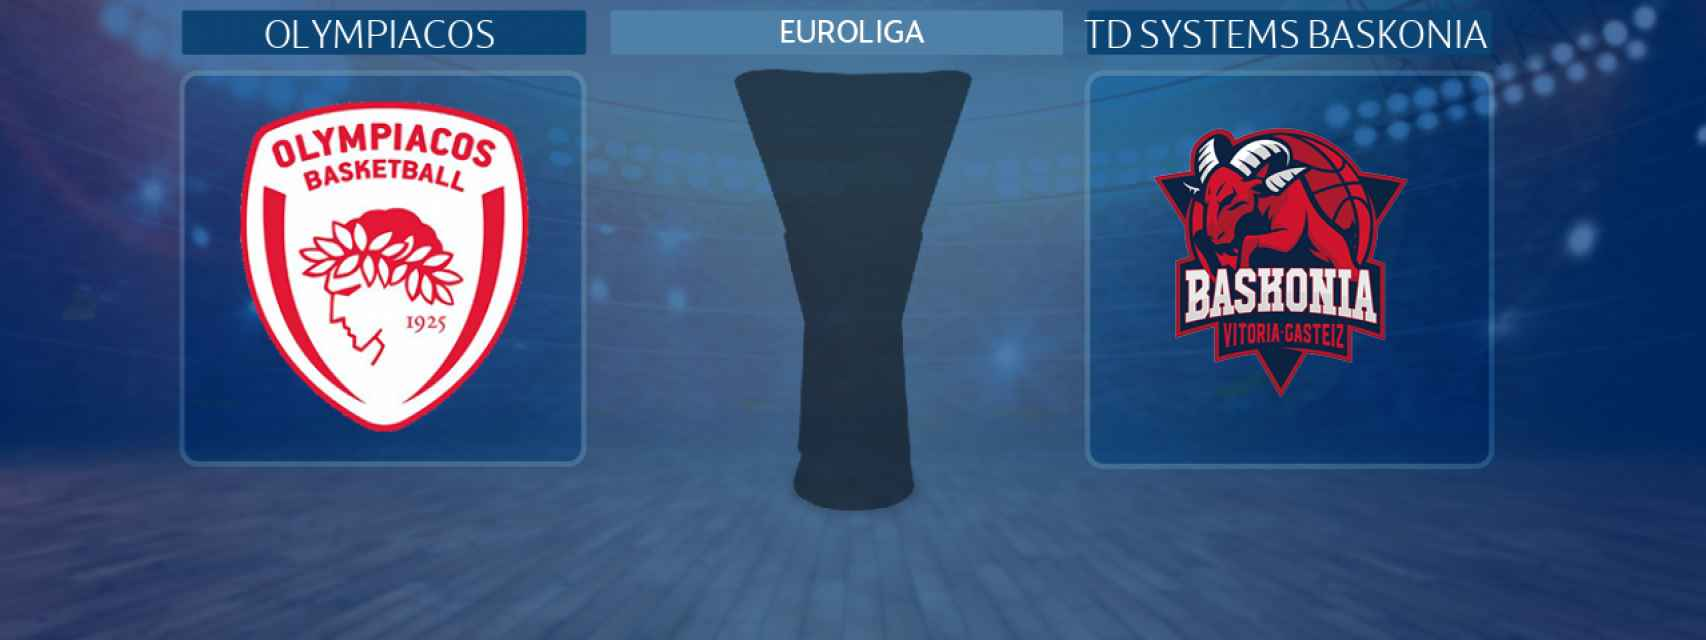 Olympiacos - TD Systems Baskonia, partido de la Euroliga